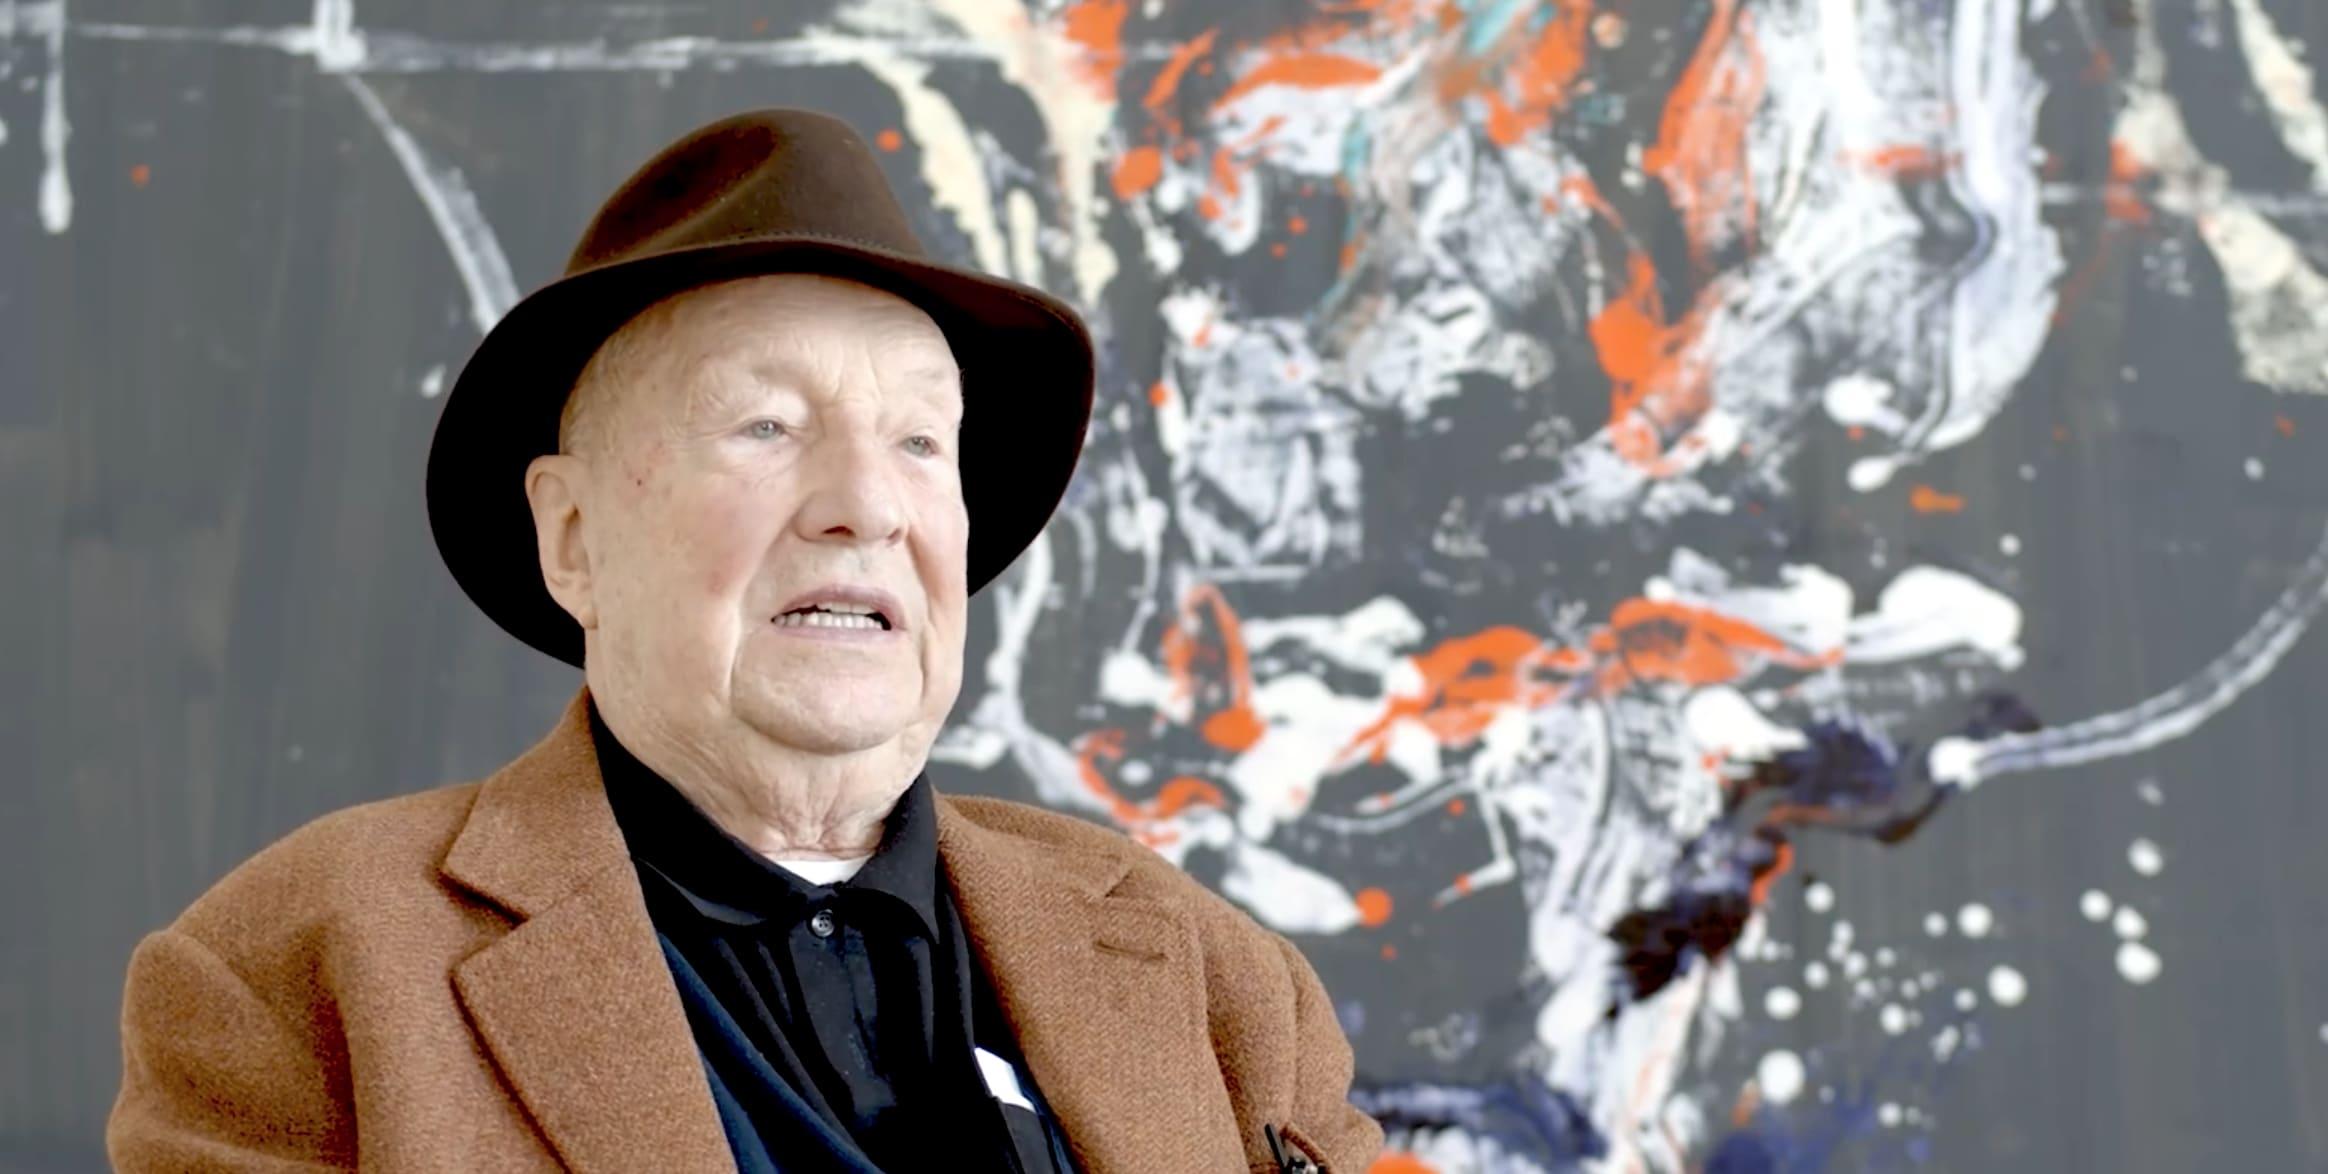 Georg Baselitz Freitag war es schön interview